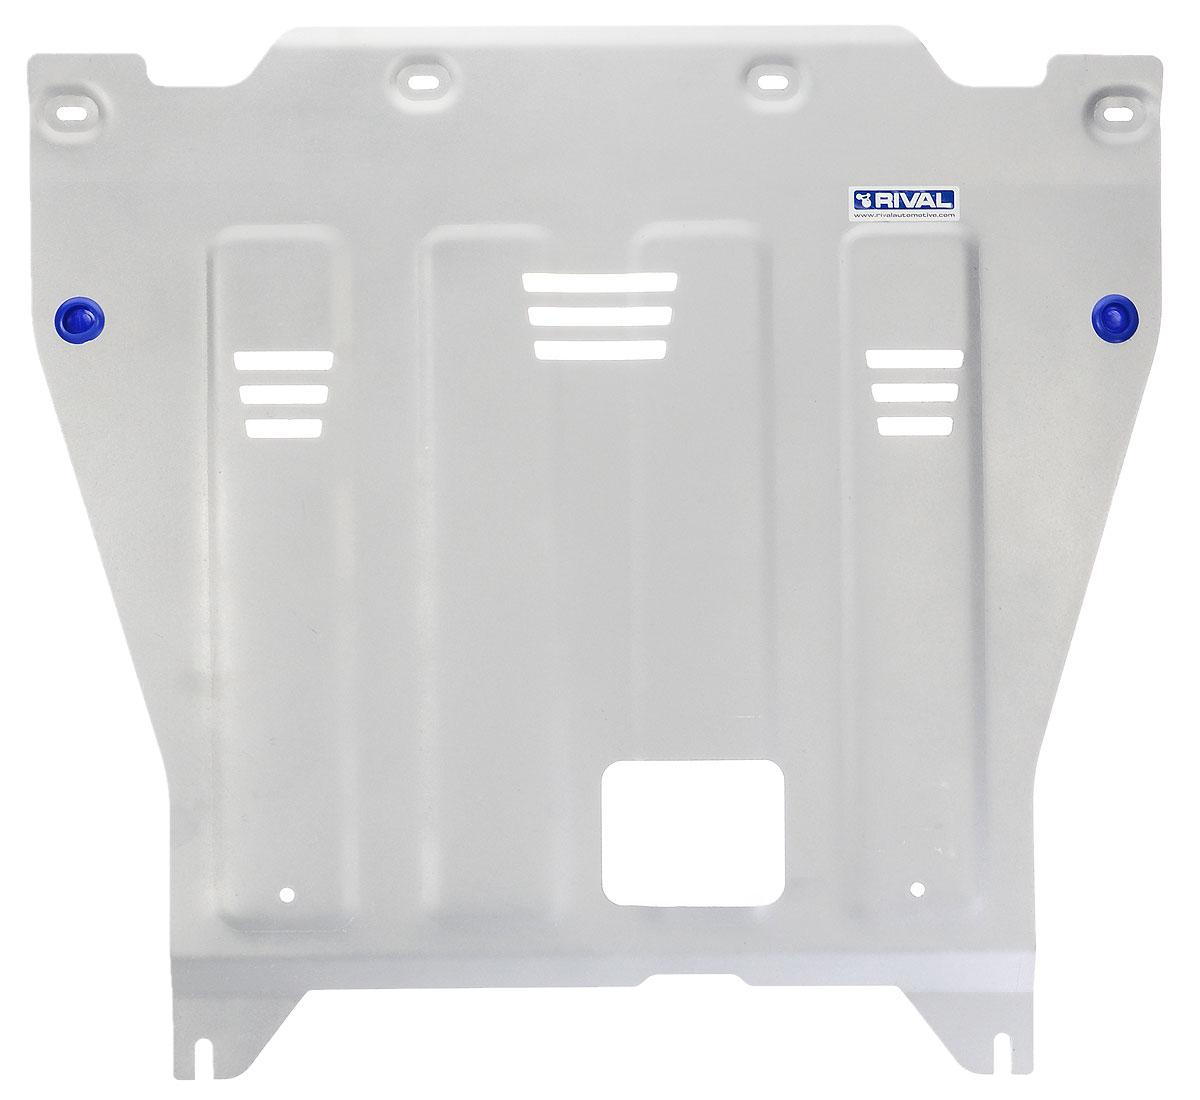 Защита картера и КПП Rival, для Kia Optima. 333.2837.1333.2837.1Защита картера и КПП для Kia Optima , V - 2,0(150hp); 2,4GDI(188hp) ; 2,0T-GDI(245hp) 2016-, крепеж в комплекте, алюминий 4 мм, Rival. Надежно защищают днище вашего автомобиля от повреждений, например при наезде на бордюры, а также выполняют эстетическую функцию при установке на высокие автомобили. - Толщина алюминиевых защит в 2 раза толще стальных, а вес при этом меньше до 30%. - Отлично отводит тепло от двигателя своей поверхностью, что спасает двигатель от перегрева в летний период или при высоких нагрузках. - В отличие от стальных, алюминиевые защиты не поддаются коррозии, что гарантирует срок службы защит более 5 лет. - Покрываются порошковой краской, что надолго сохраняет первоначальный вид новой защиты и защищает от гальванической коррозии. - Глубокий штамп дополнительно усиливает конструкцию защиты. - Подштамповка в местах крепления защищает крепеж от срезания. - Технологические отверстия там, где они...